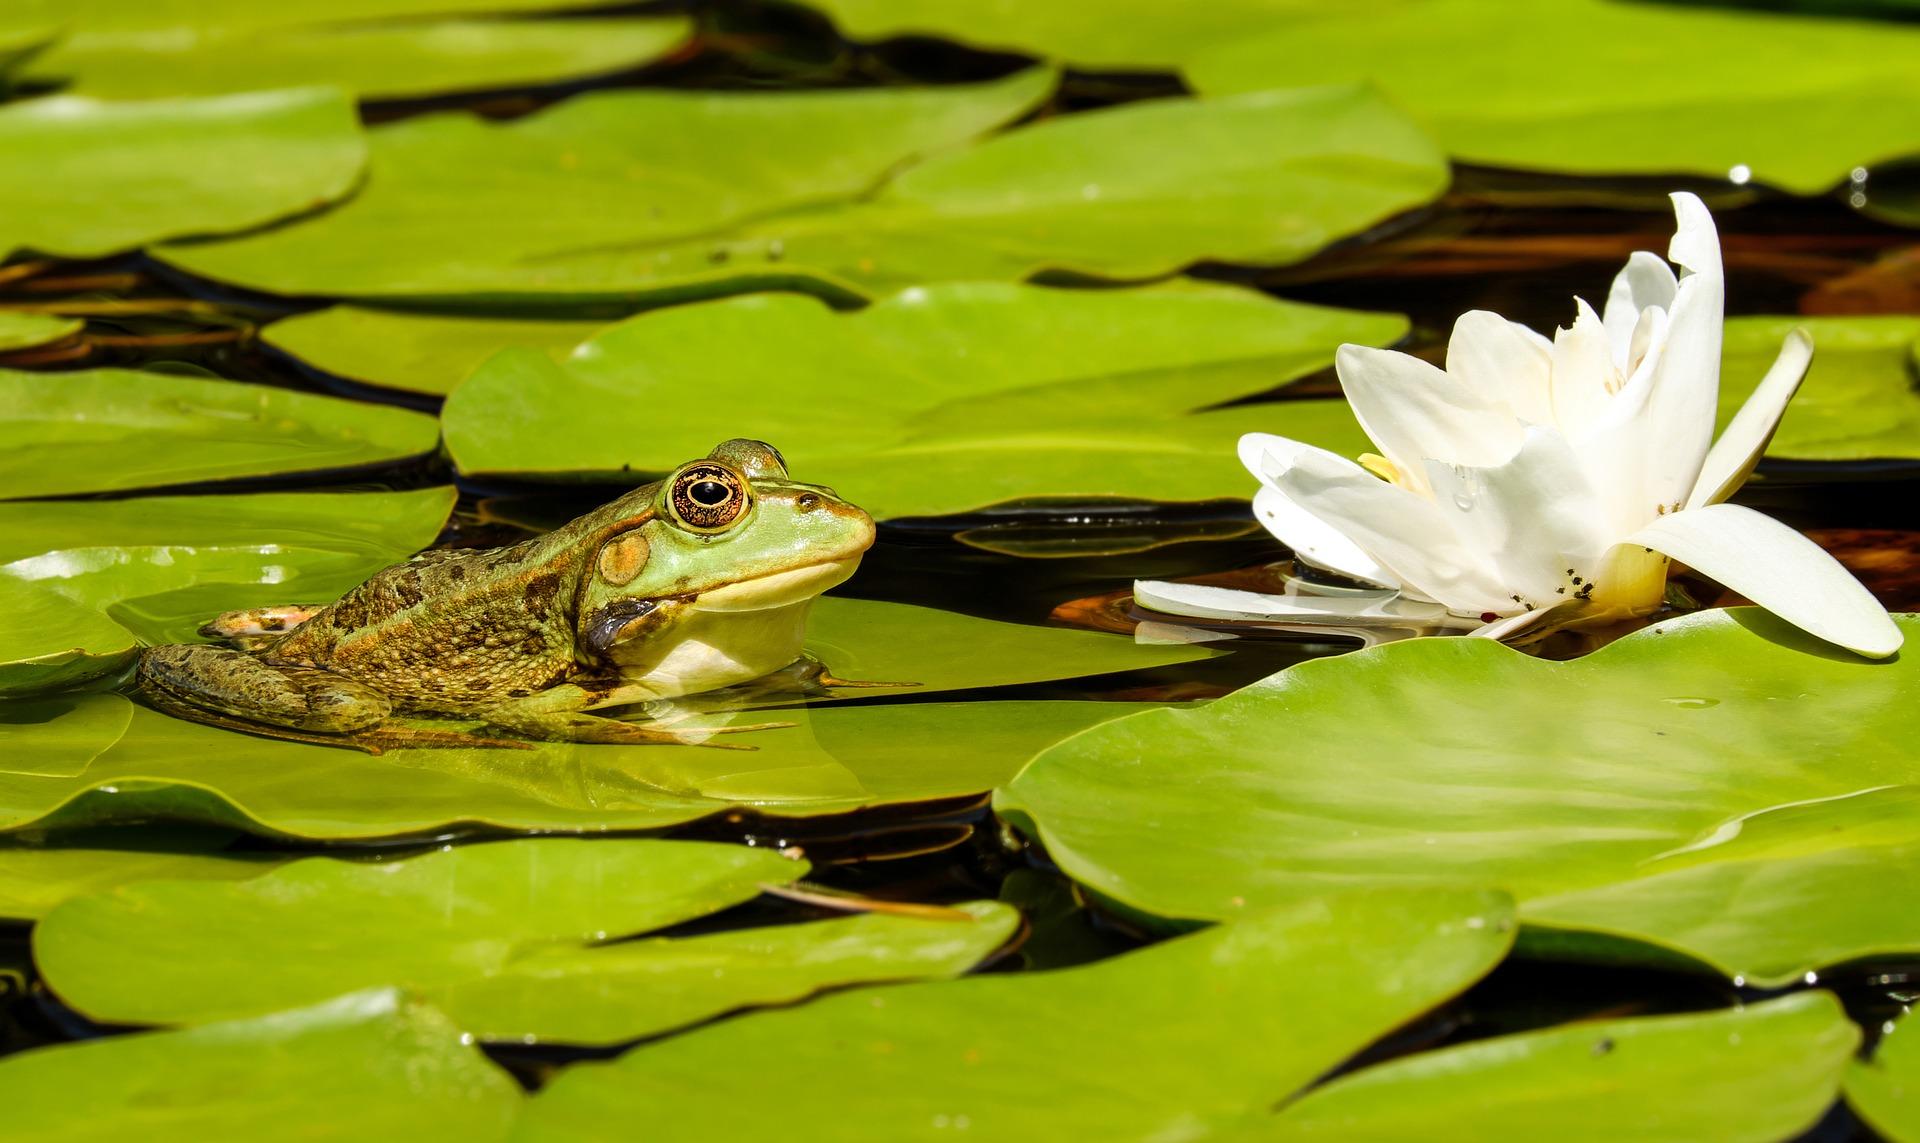 Pływające rośliny wodne dodają oczku wodnemu niezwykłego uroku. Co więcej, ich liście zacieniają latem zbiornik, przez co chronią wodę przed przegrzaniem. Stanowią też schronienie dla drobnych zwierząt wodnych i narybku.